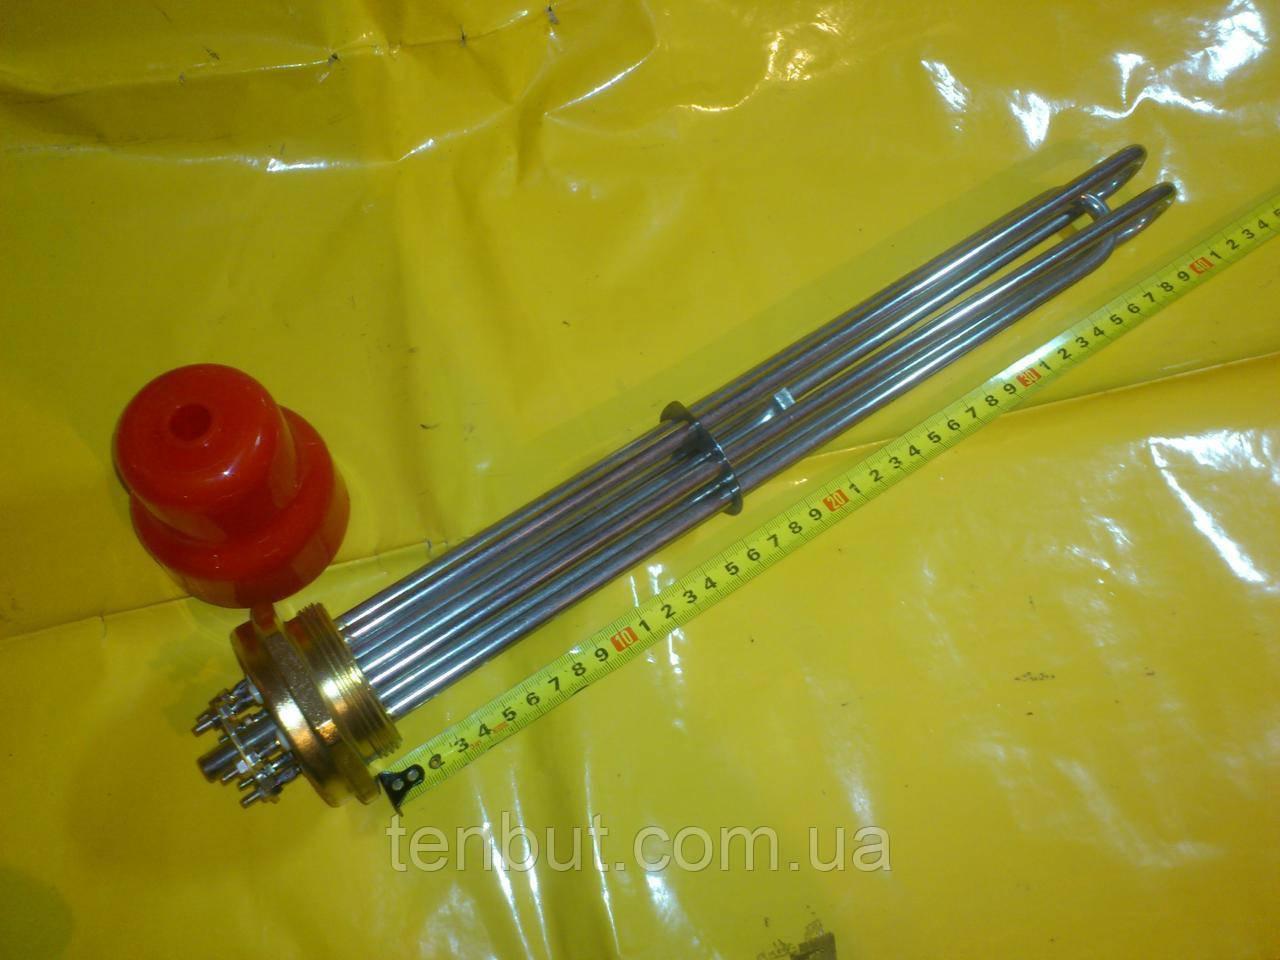 Блок тэн нержавейка 15.00 кВт / 2.0 дюйма резьба / 220 В. / 540 мм. длина . производство Турция SANAL